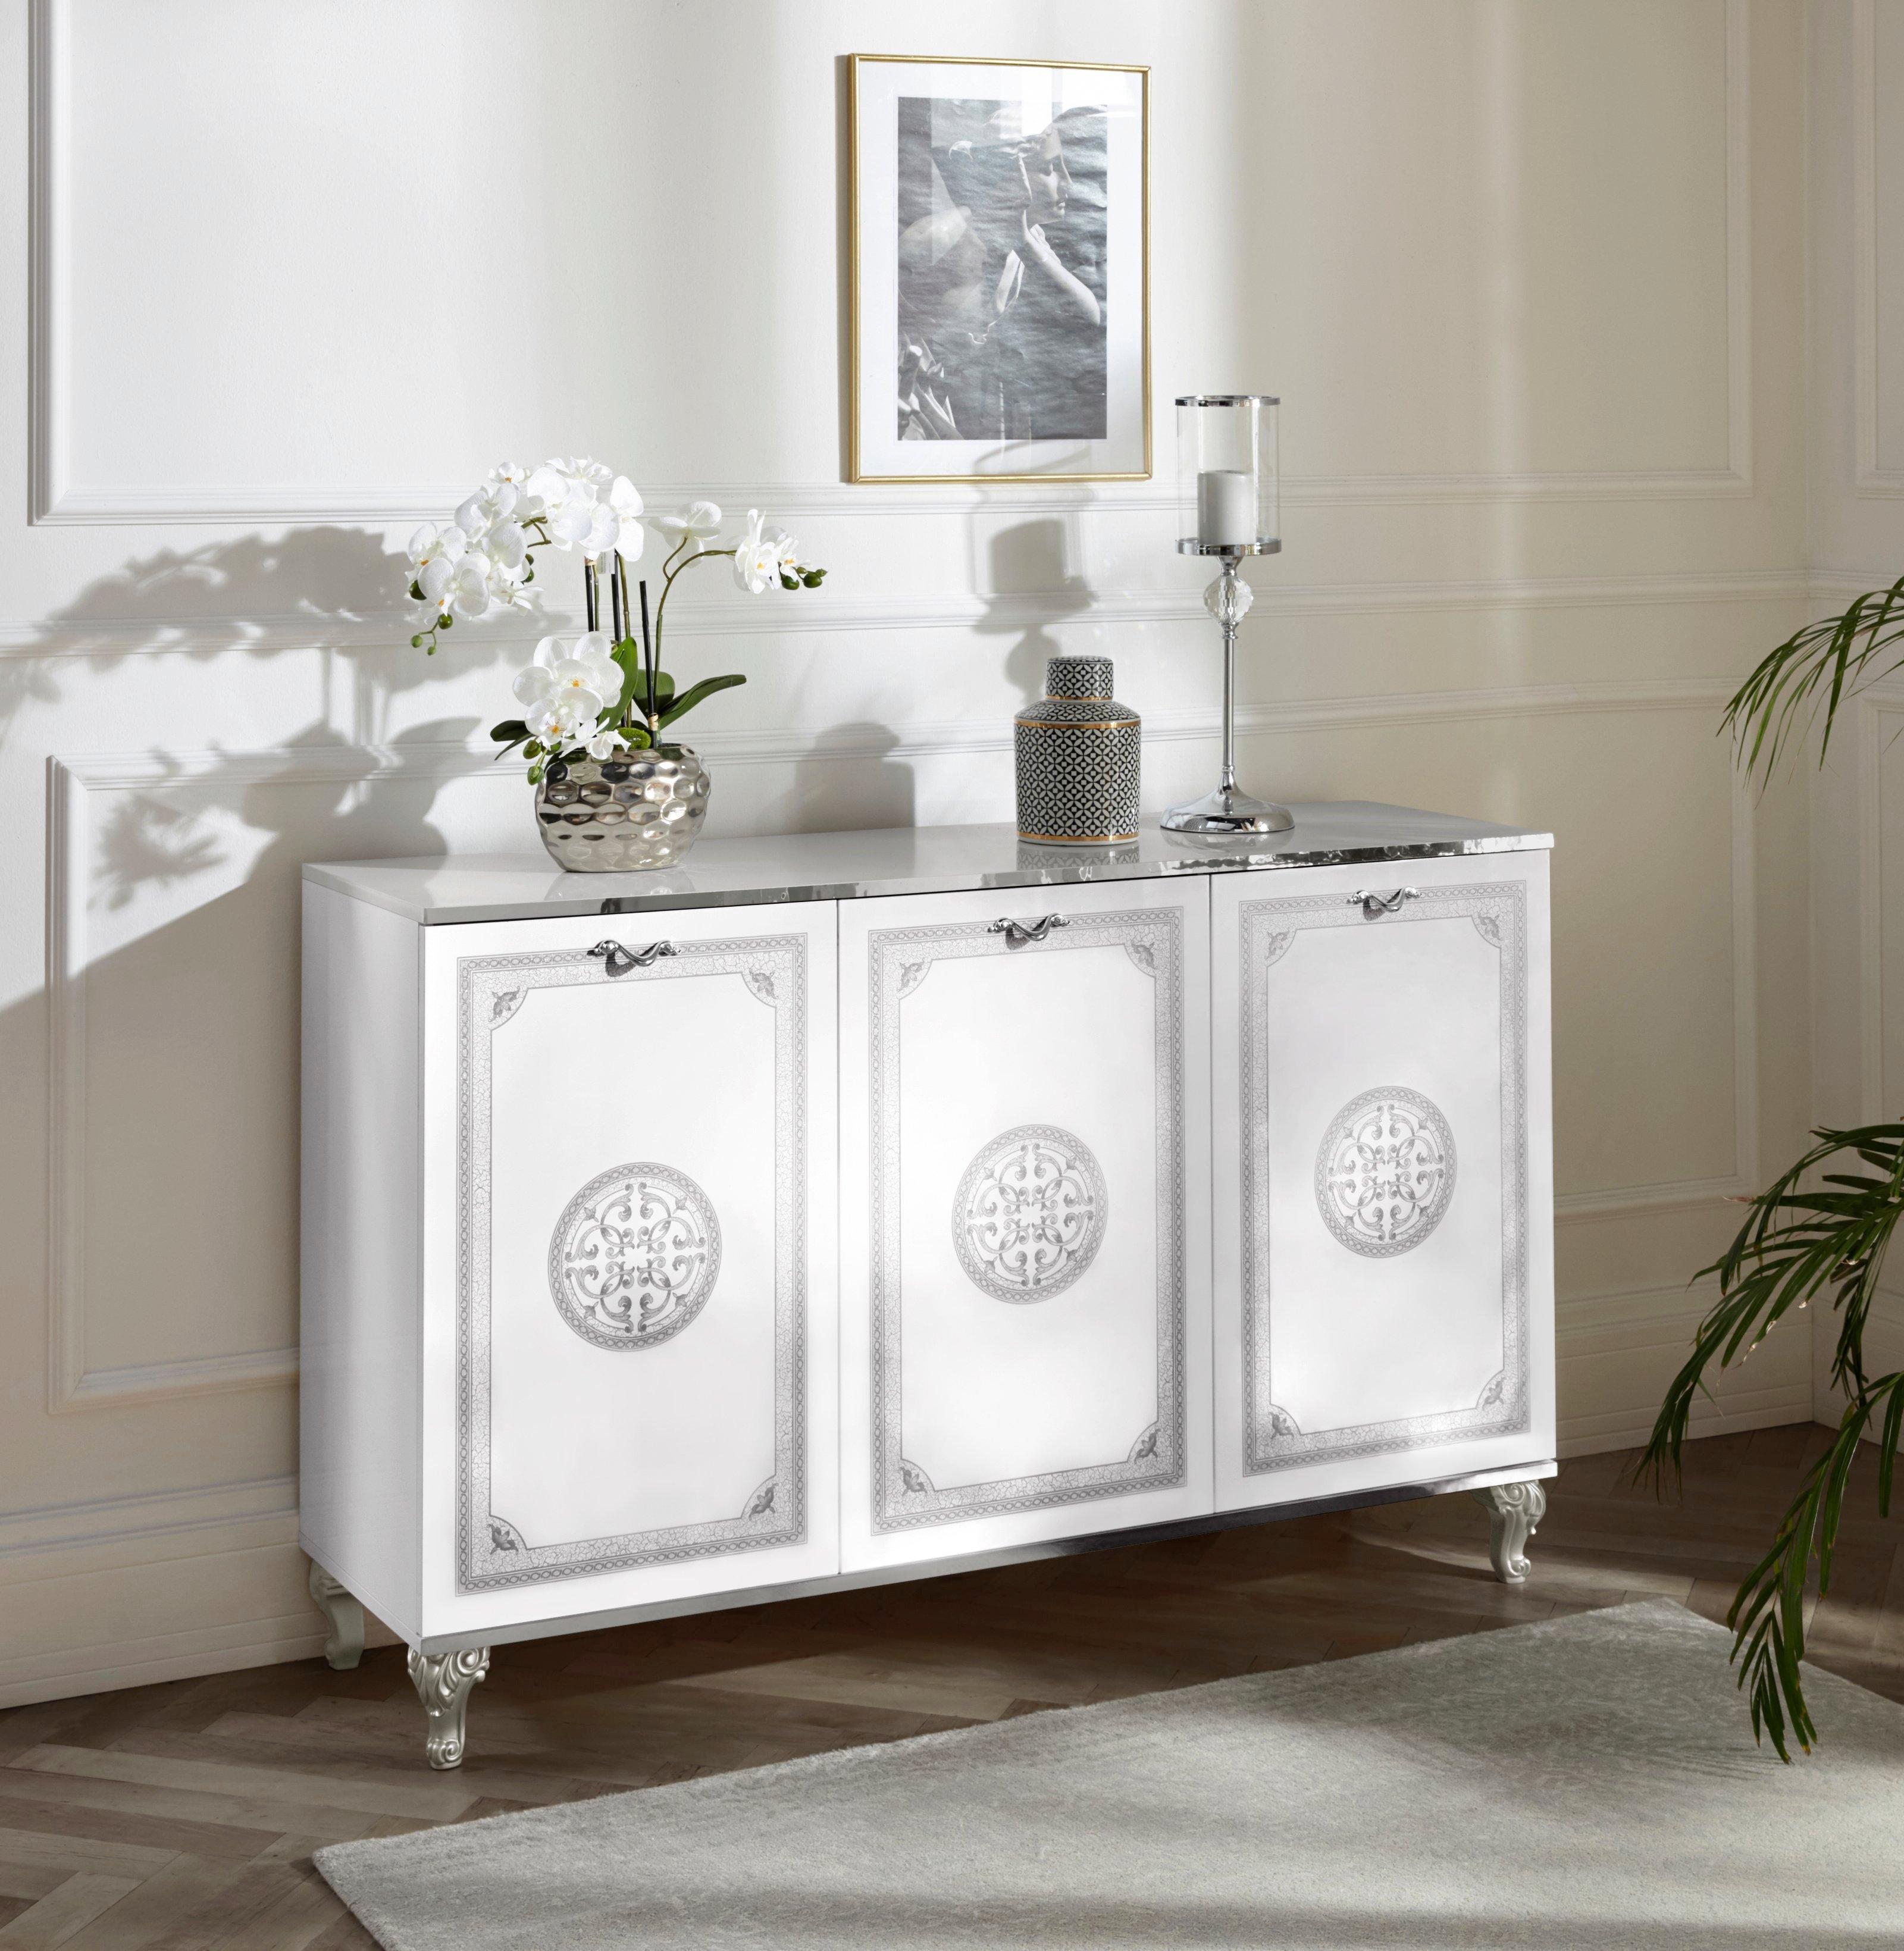 KITALY dressoir CONTEMPORANEO Breedte 138 cm bij OTTO online kopen